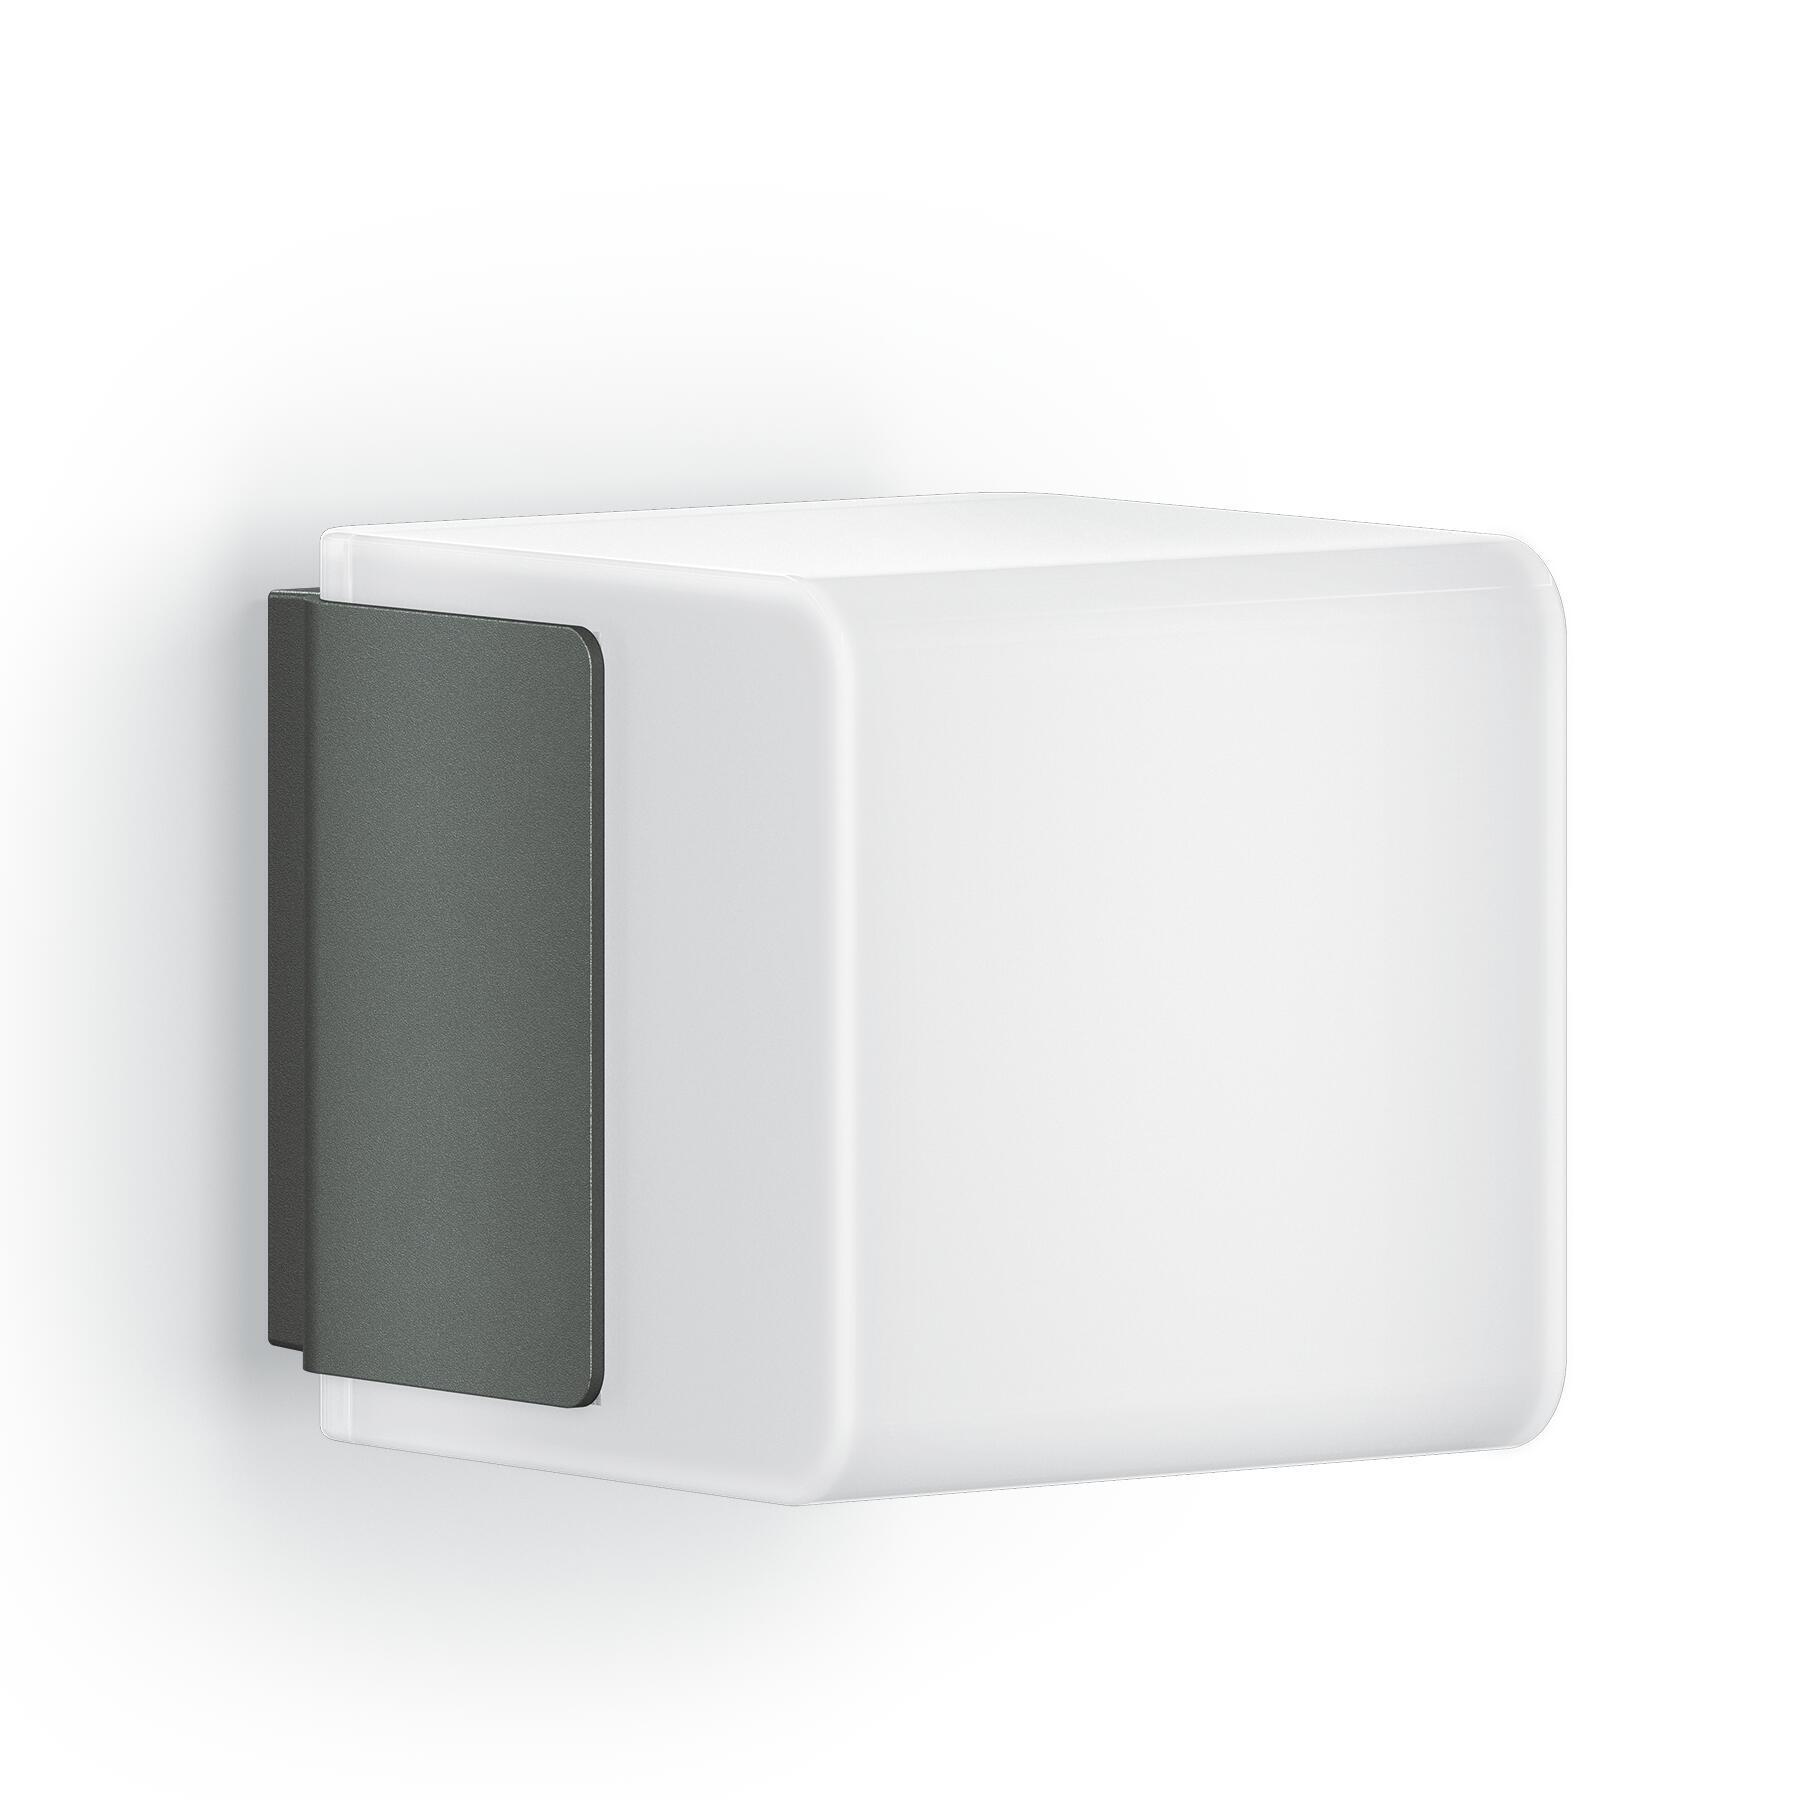 Applique L 835 LED integrato con sensore di movimento, antracite, 9.5W 586LM IP44 STEINEL - 4